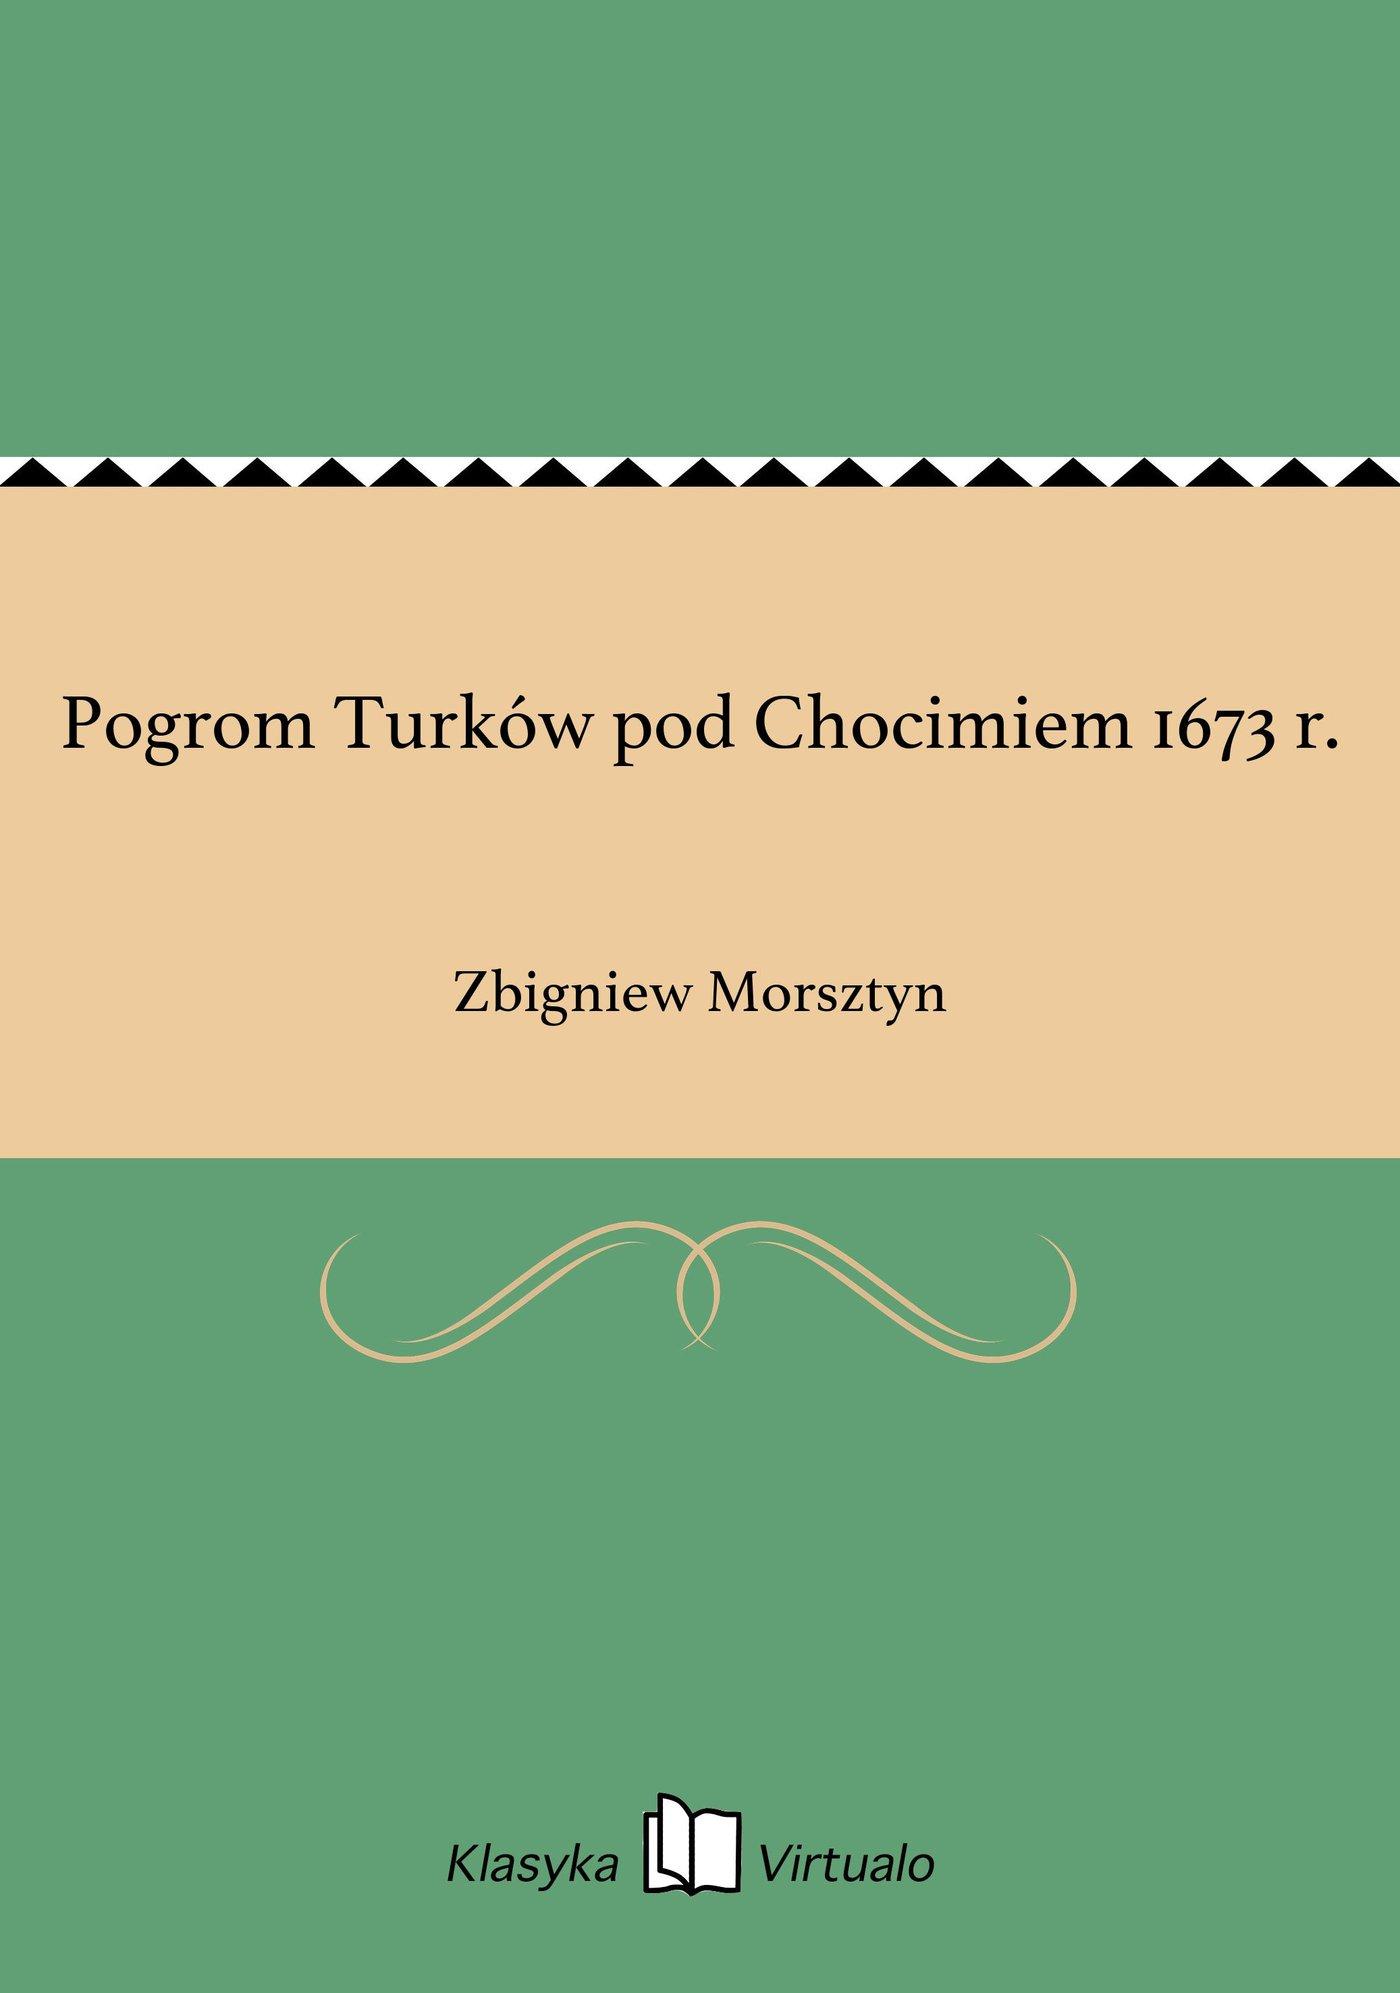 Pogrom Turków pod Chocimiem 1673 r. - Ebook (Książka EPUB) do pobrania w formacie EPUB